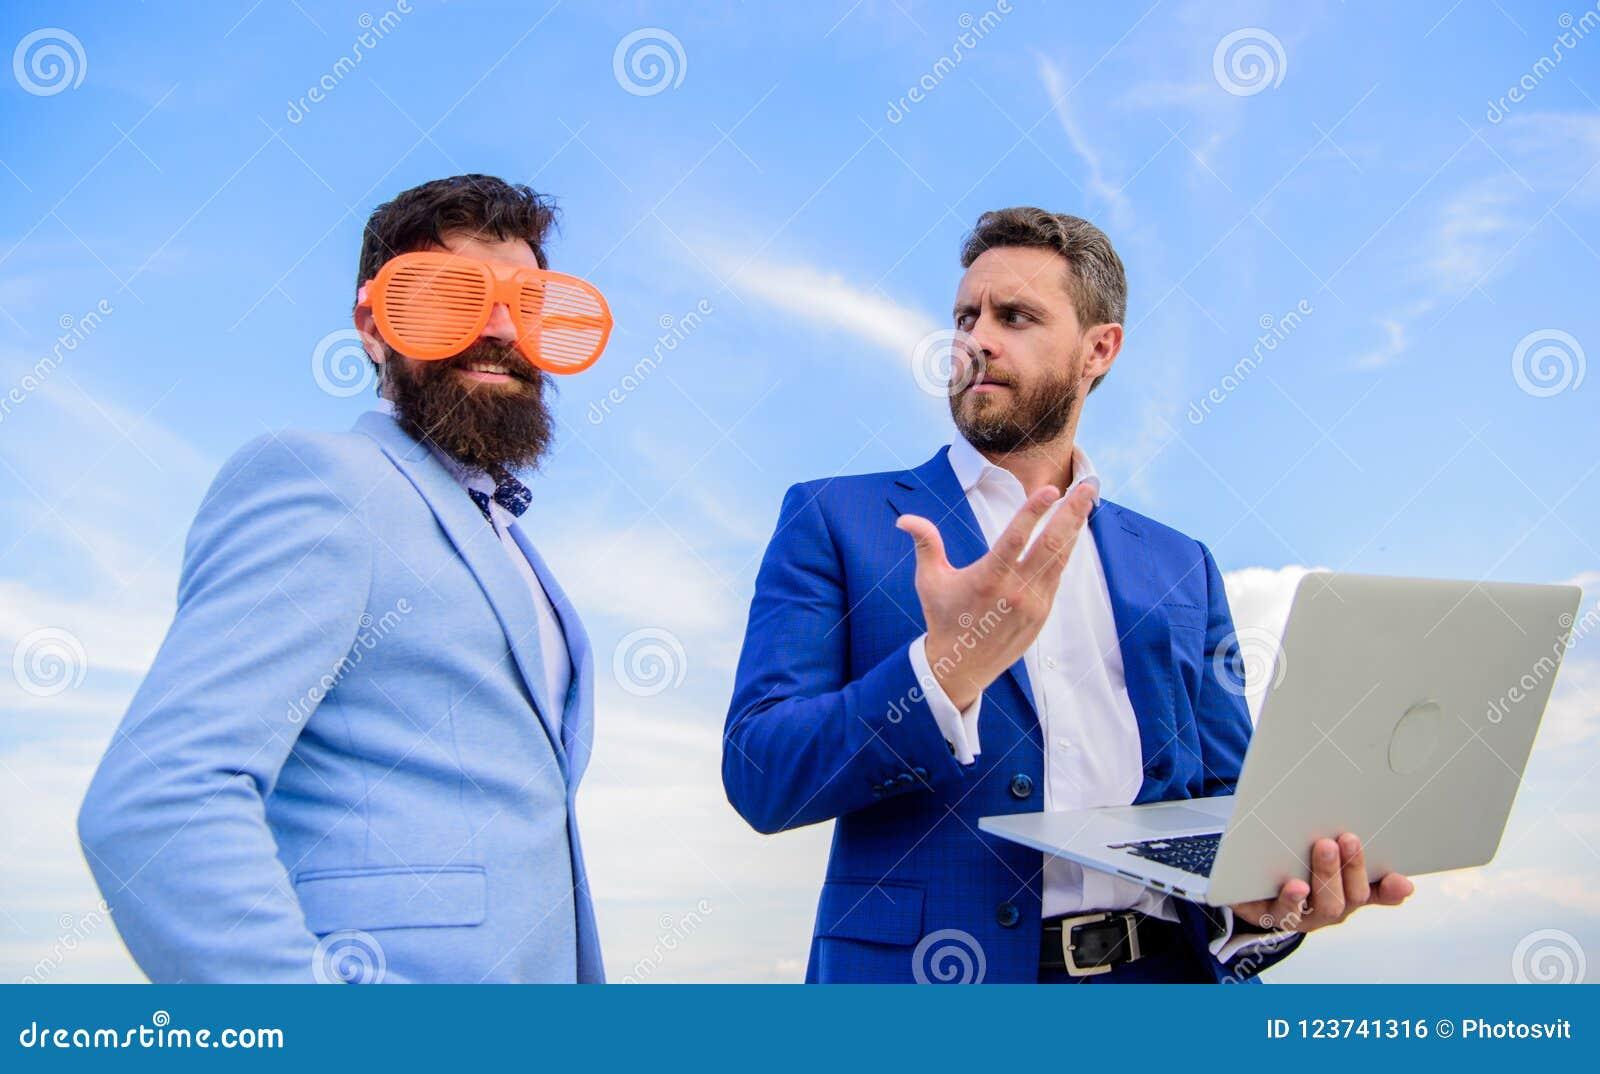 Cómo parar el jugar en el espíritu emprendedor y conseguir serio sobre negocio Hombre de negocios con el ordenador portátil serio